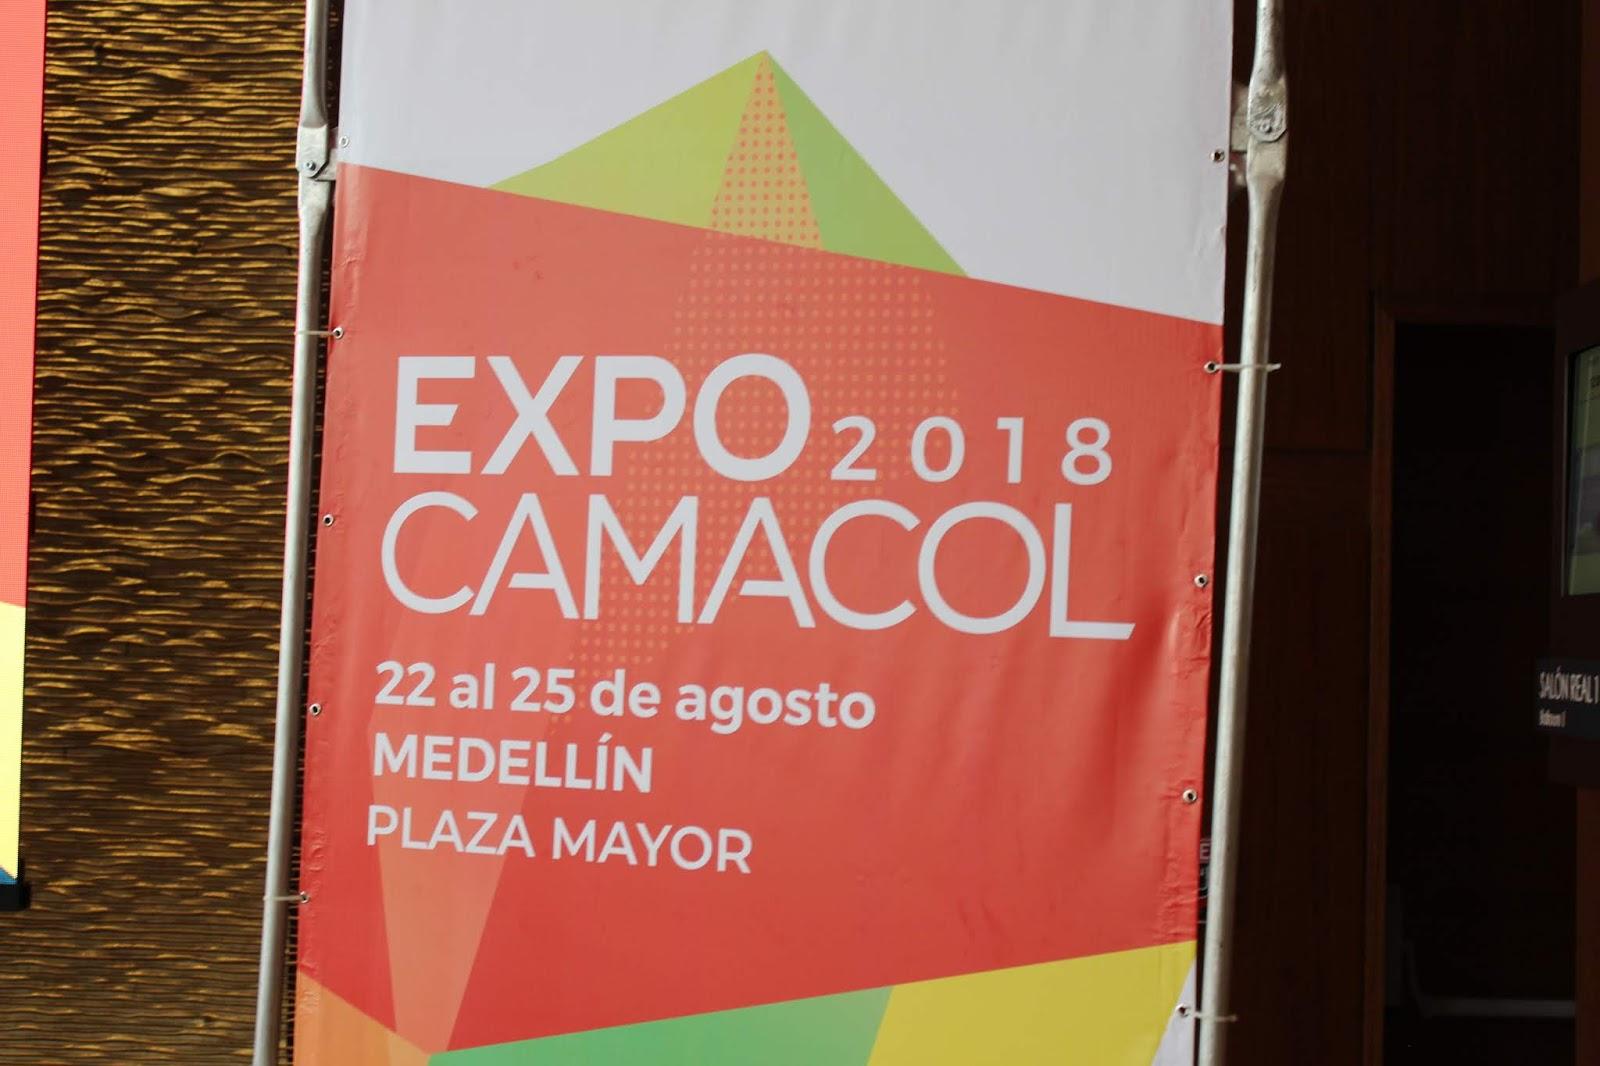 www.lasnoticiasenred.com: 08/03/18